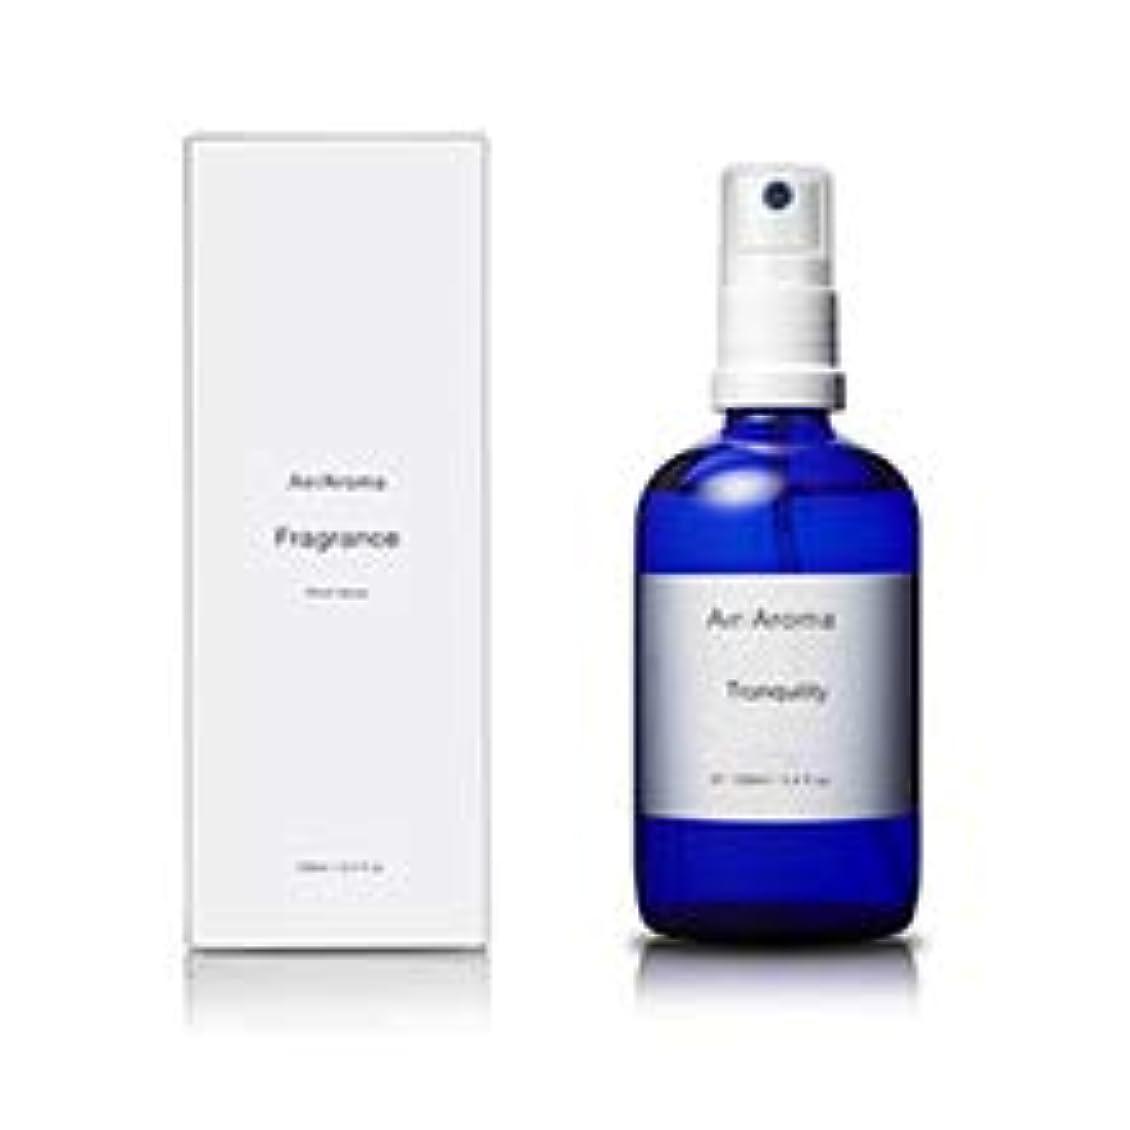 リストヒュームラダエアアロマ tranquility room fragrance (トランキリティー ルームフレグランス) 100ml